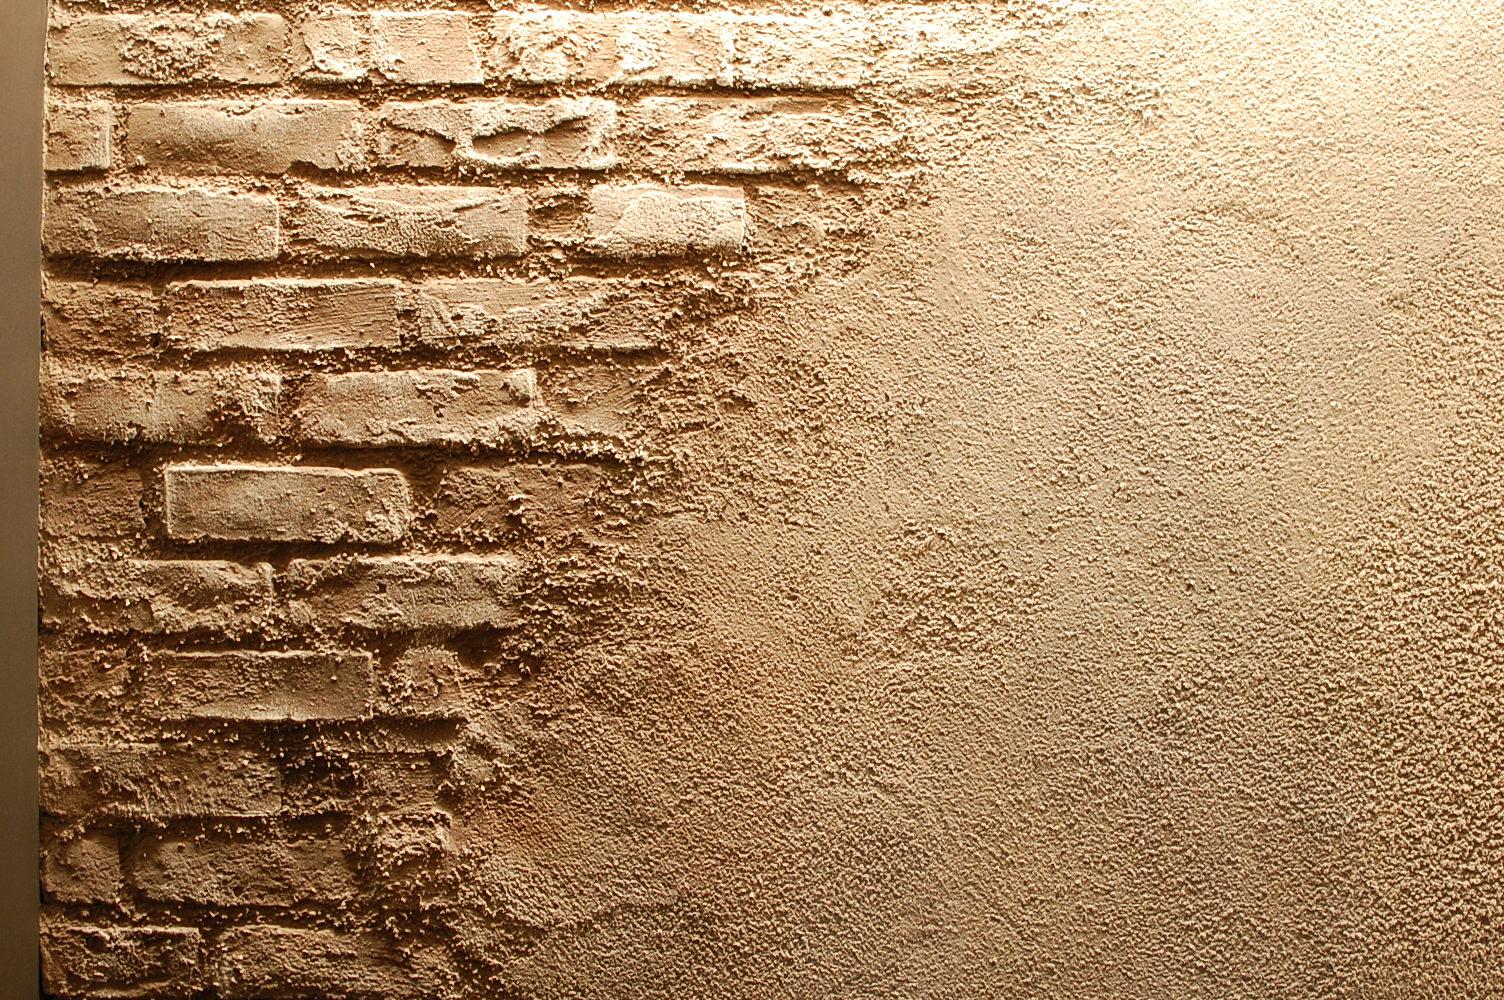 タイルが剥がれた感じの壁